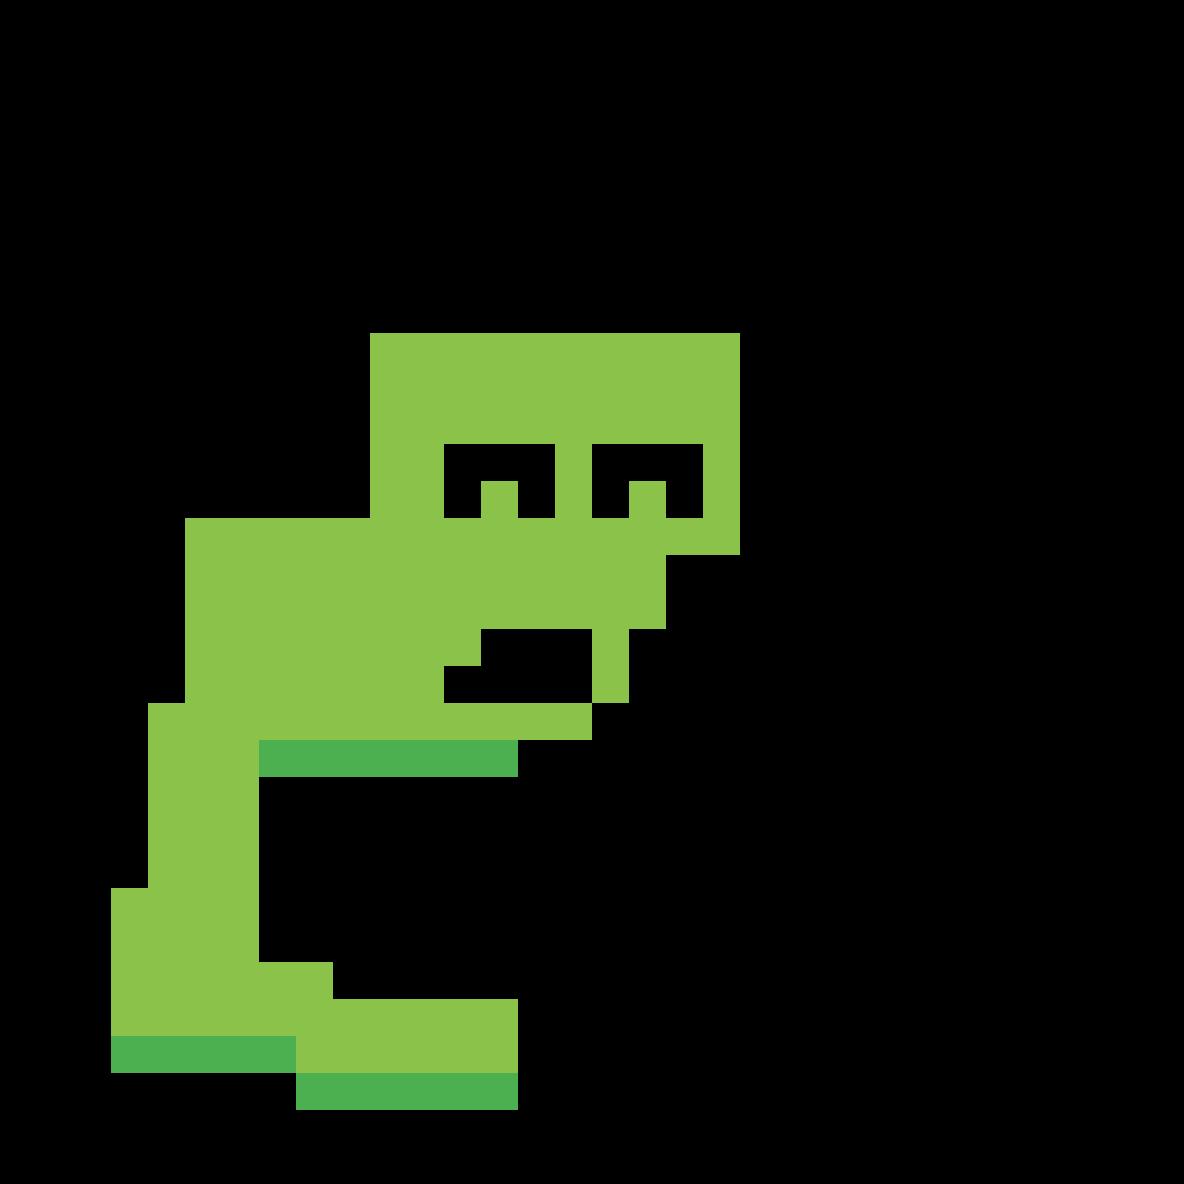 Snek frend [EDIT LATER] by GameTinkerer